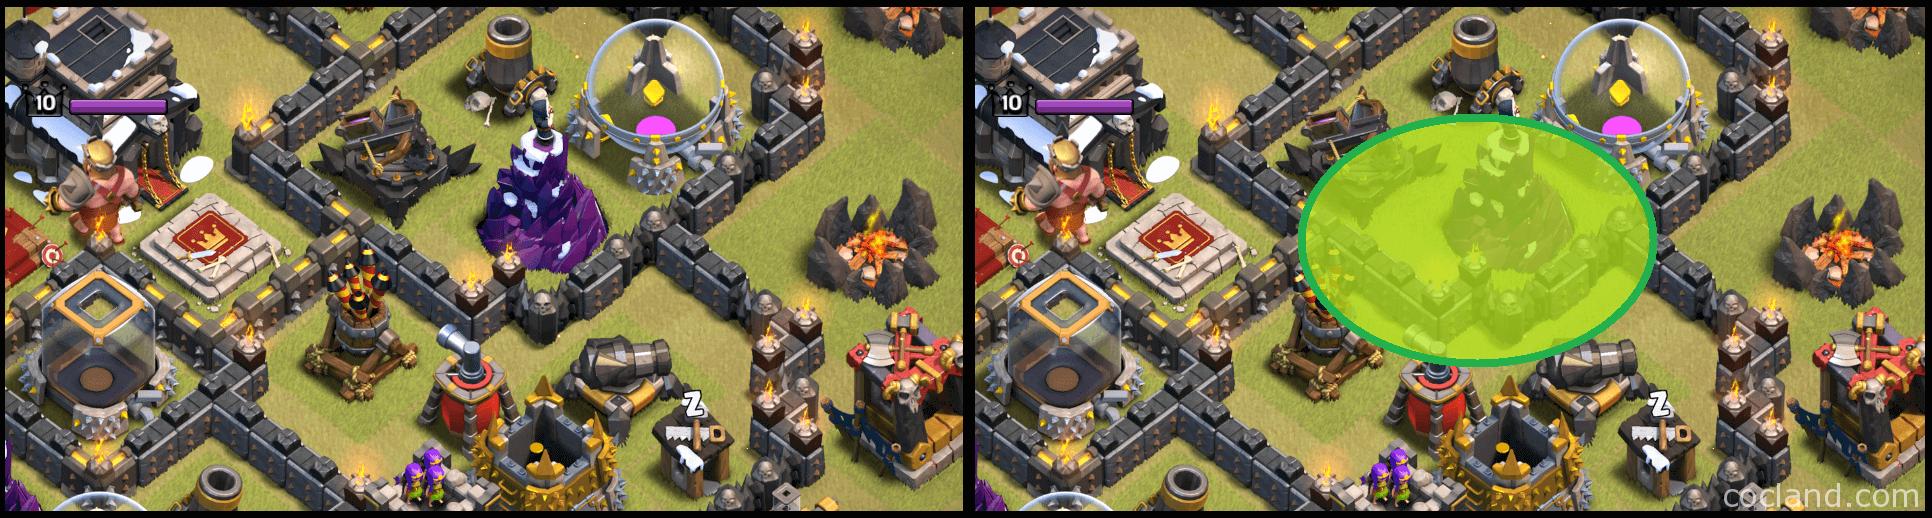 goho-attack-strategy-6